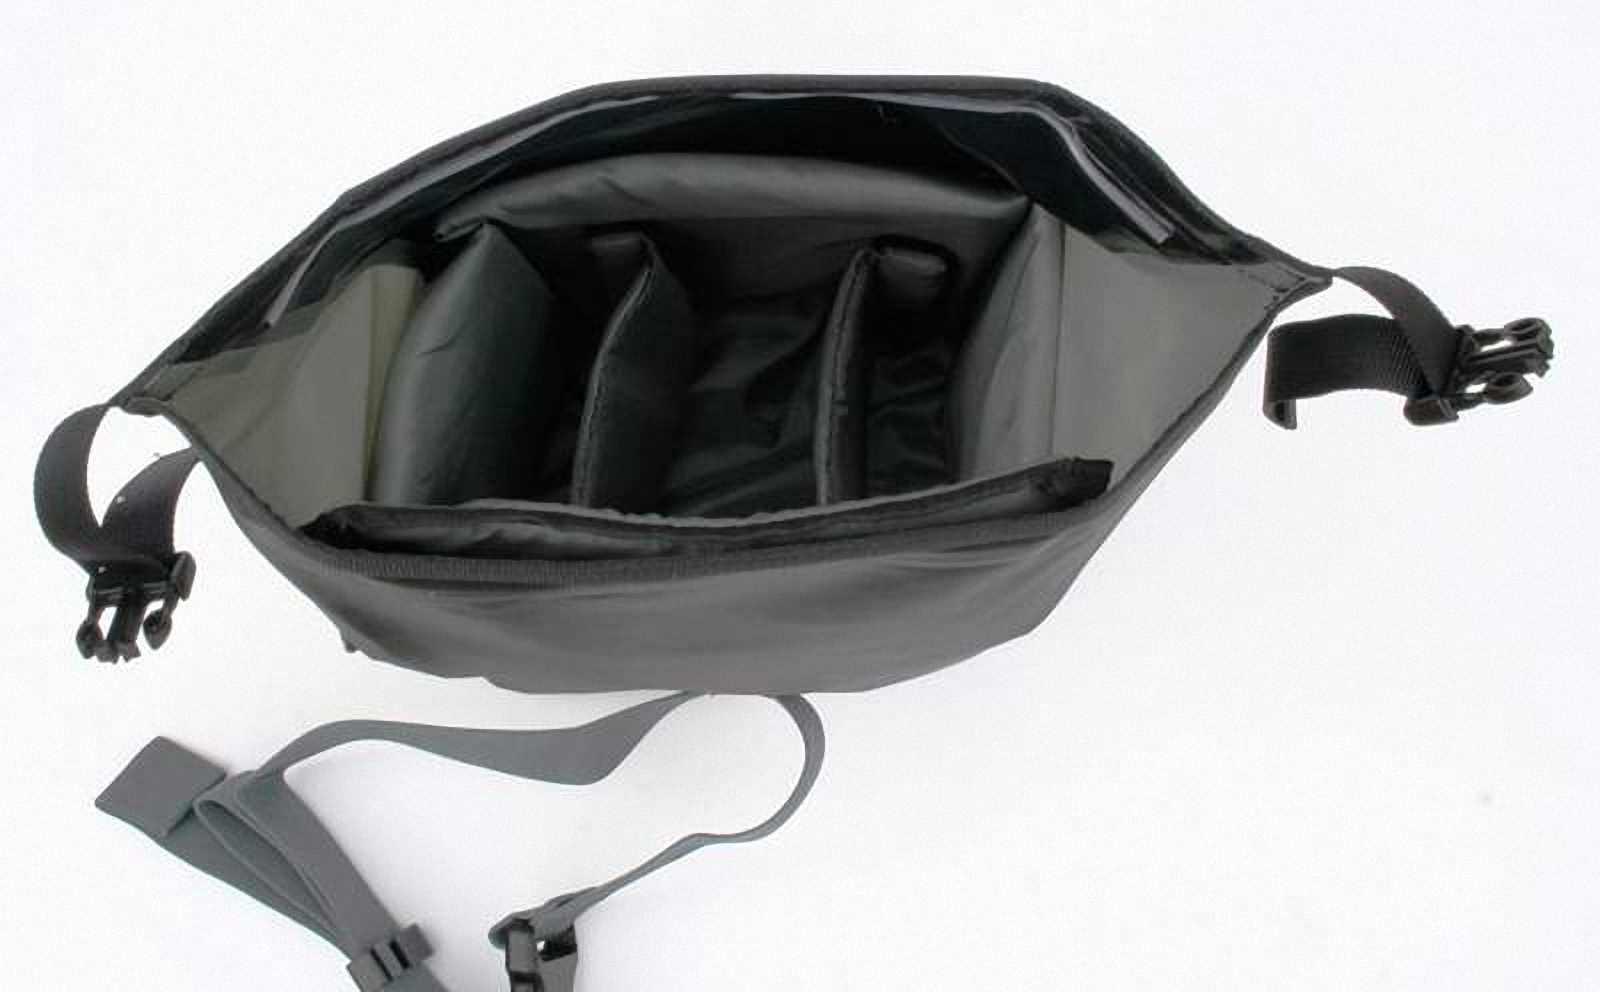 Водонепроницаемый чехол для фотоаппарата - Aquapac 022. Aquapac - №1 в мире водонепроницаемых чехлов и сумок. Фото 5